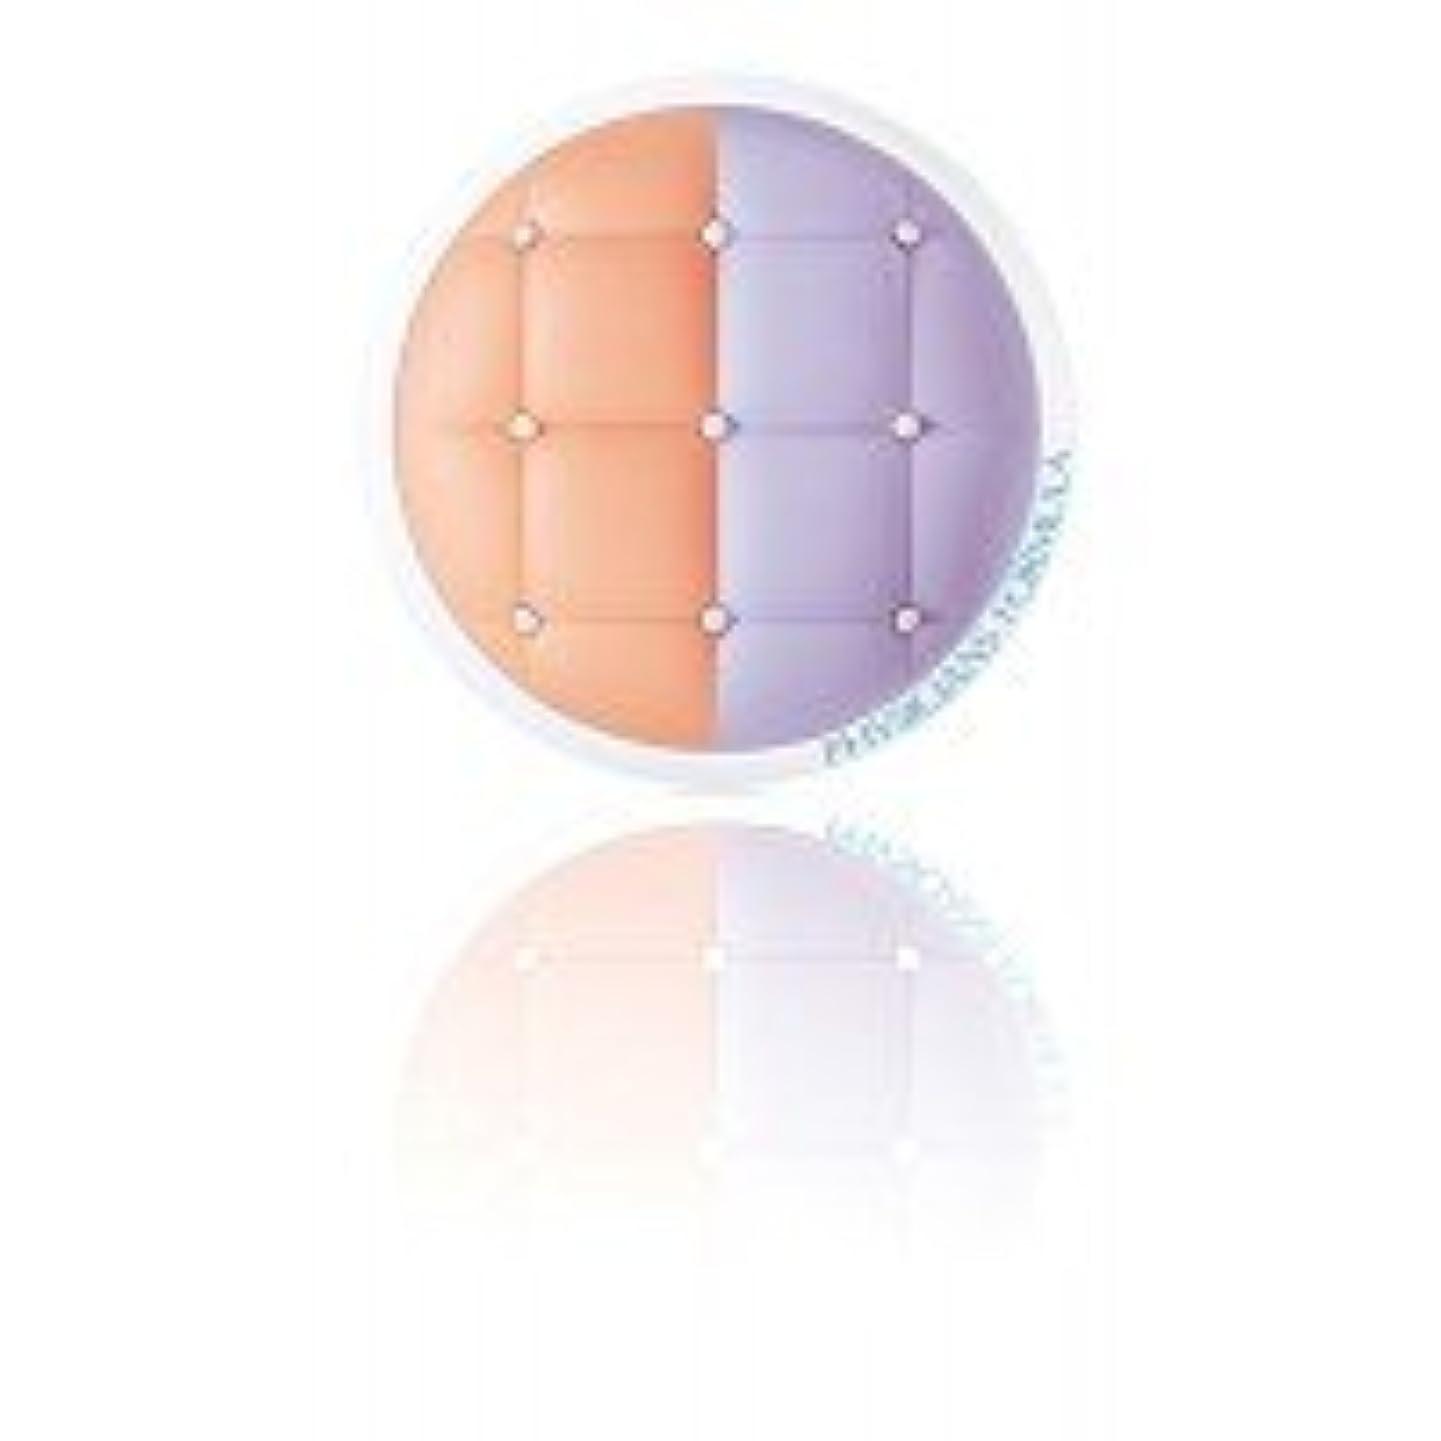 活気づくおしゃれじゃないアライアンスミネラルウェア クッションコレクター+プライマーデュオ Peach/Lavender MCC02